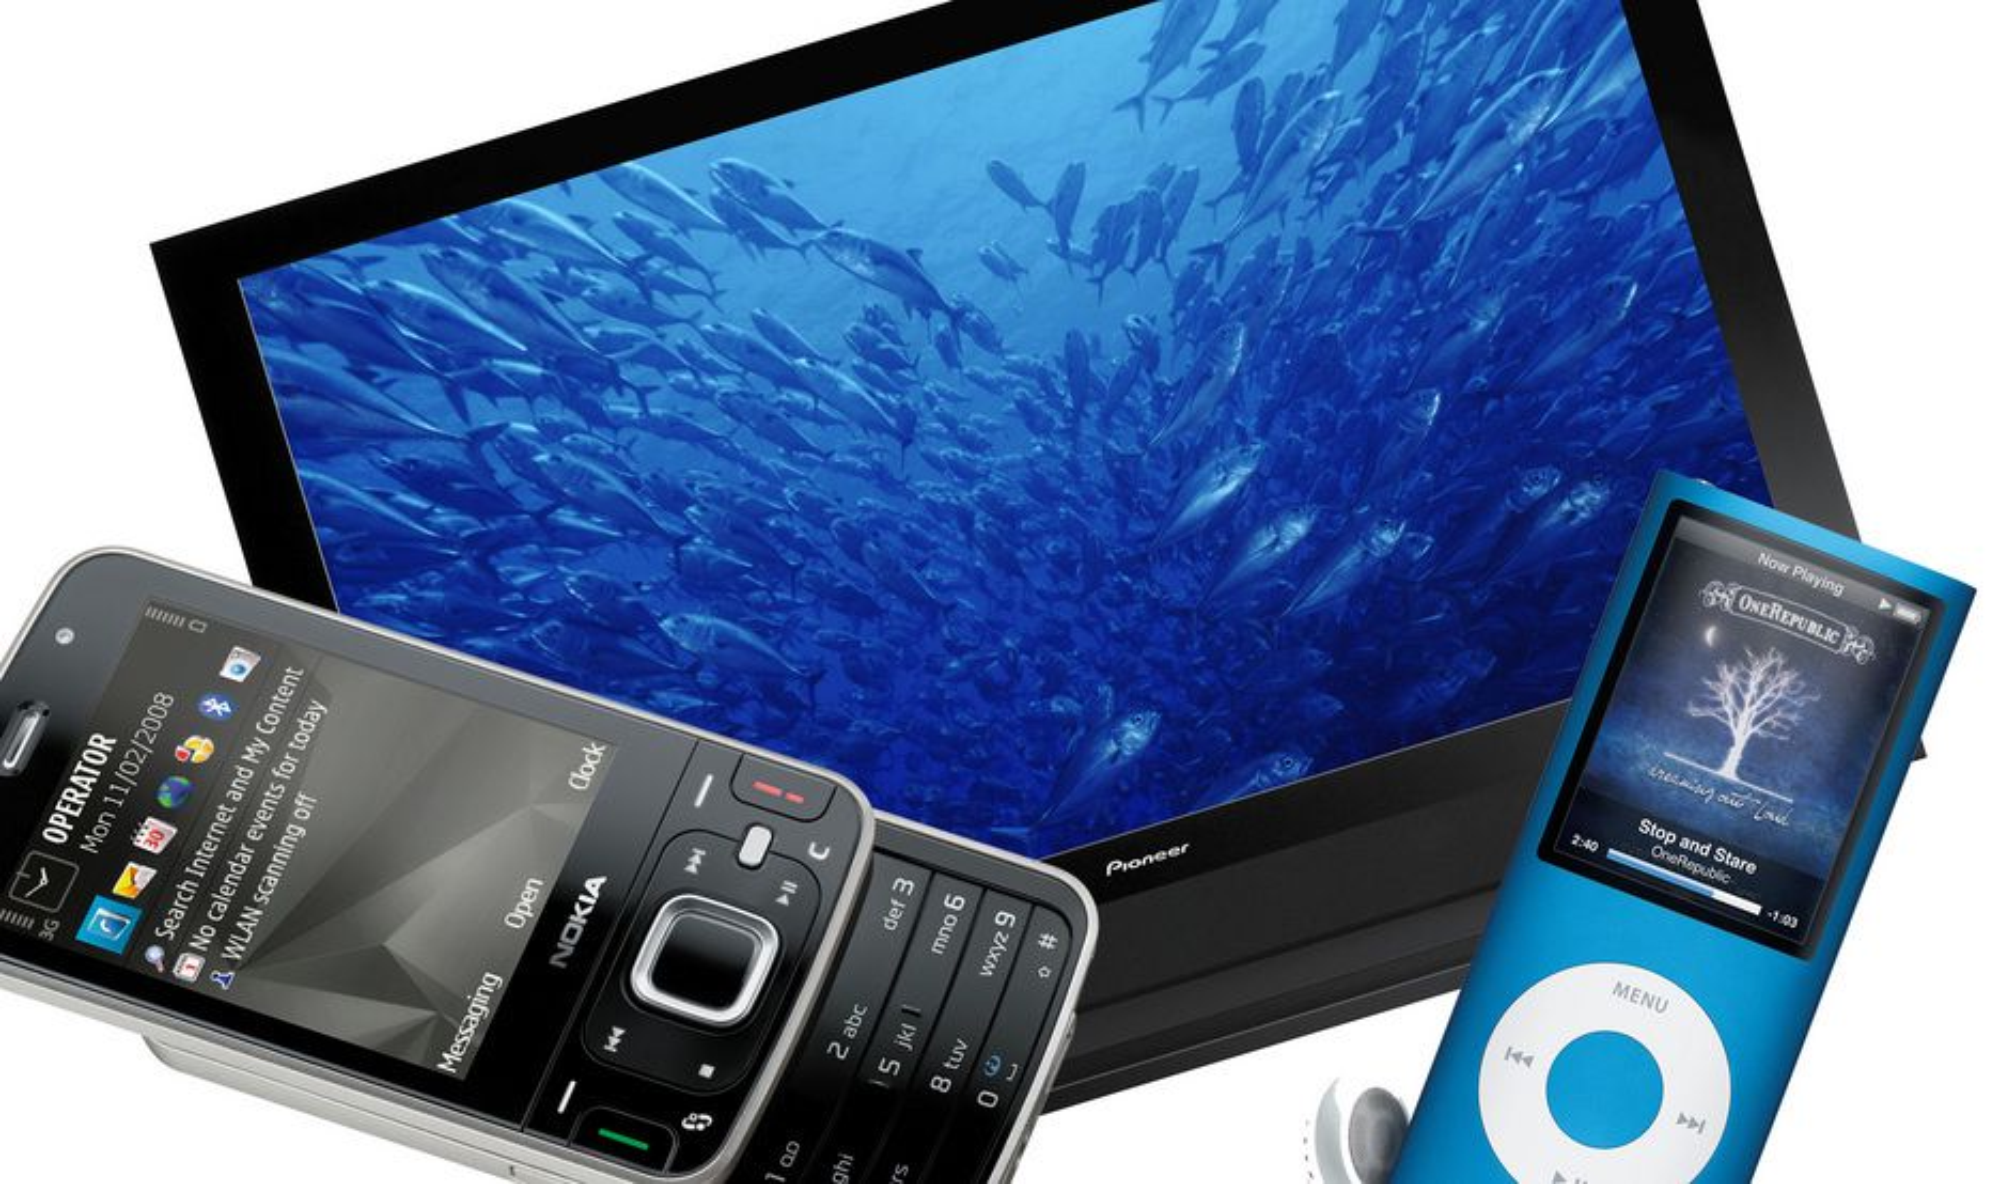 Rør-TV-ene er døde. Nå er det flatt som gjelder. Men elektronikksalget gikk ned i 2008.